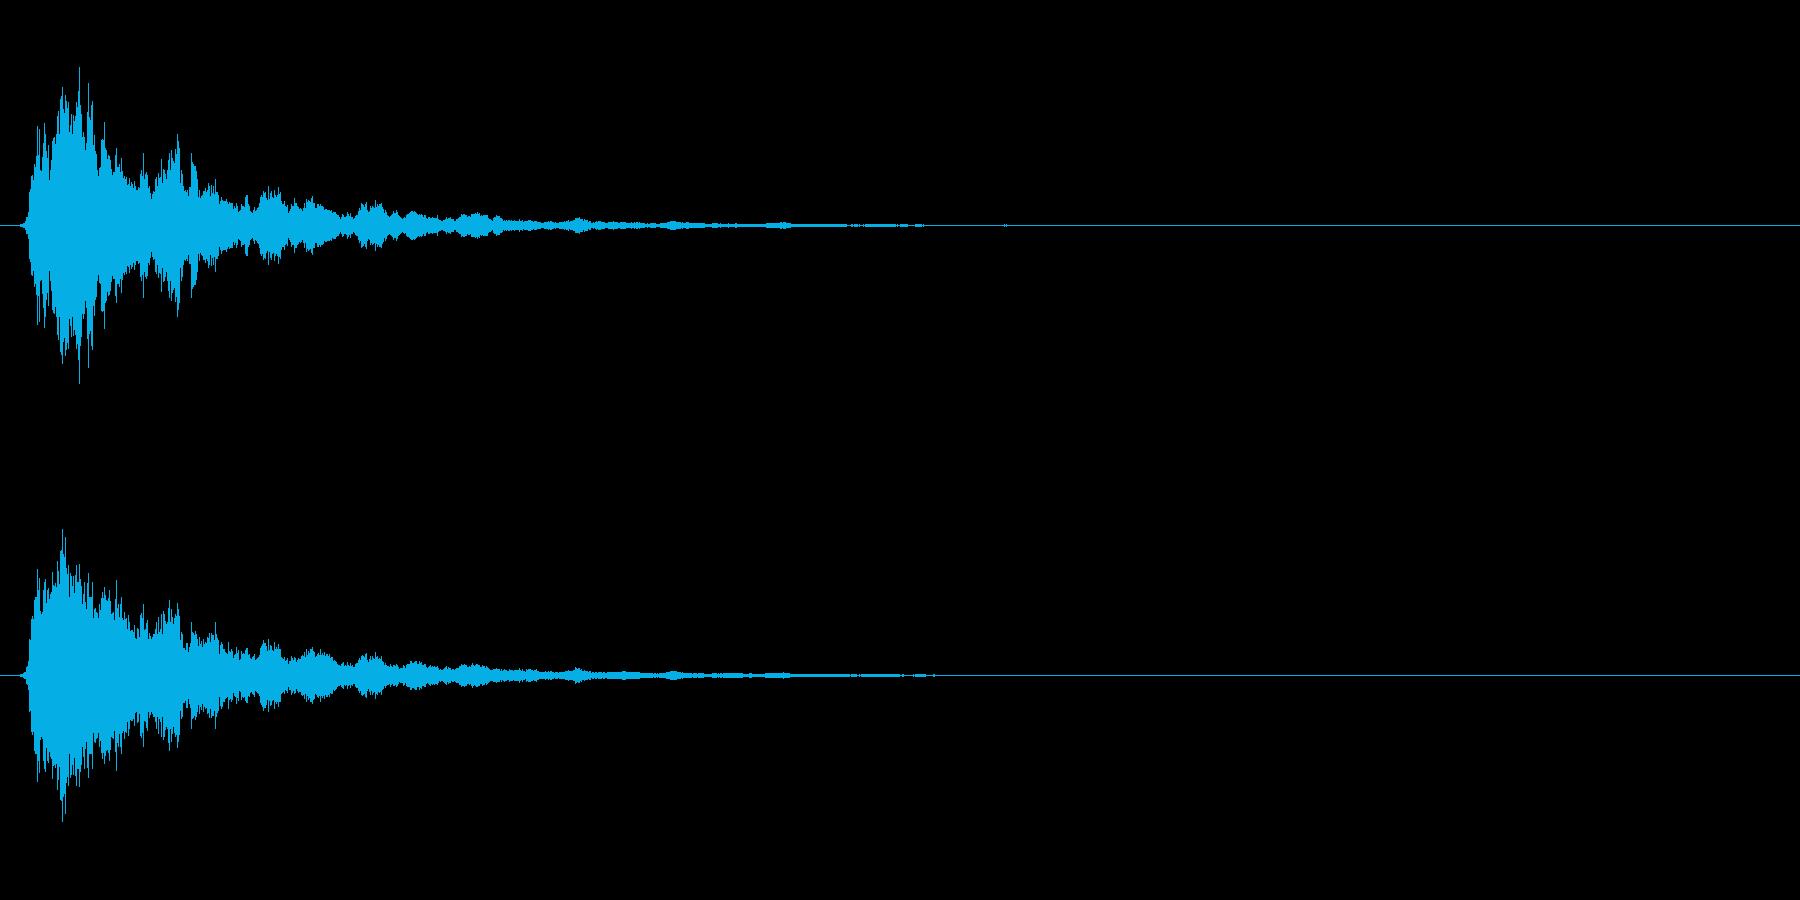 ホラー系のSEの再生済みの波形